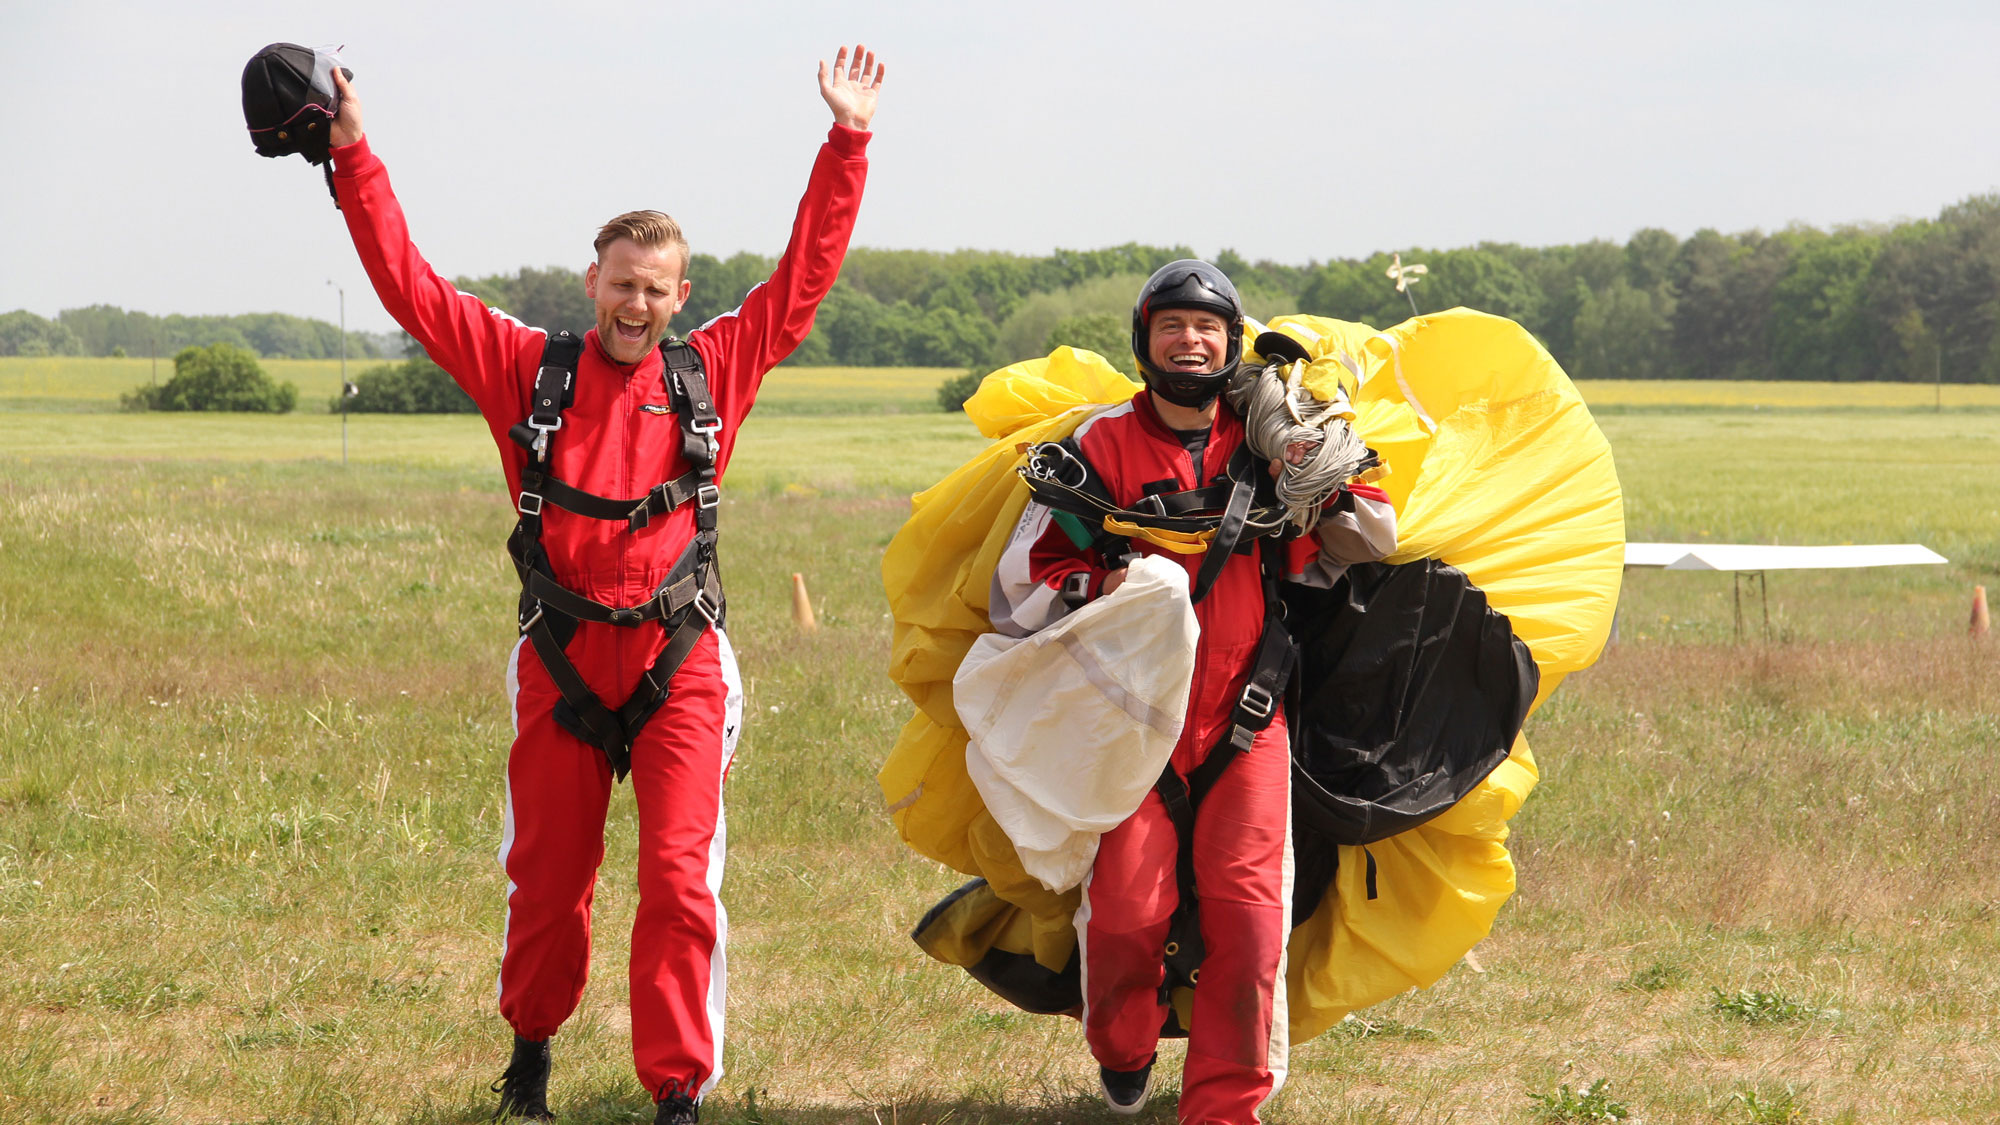 TAKE Off Berlin - Tandemspringen - Tandemgast jubelt nach der Landung